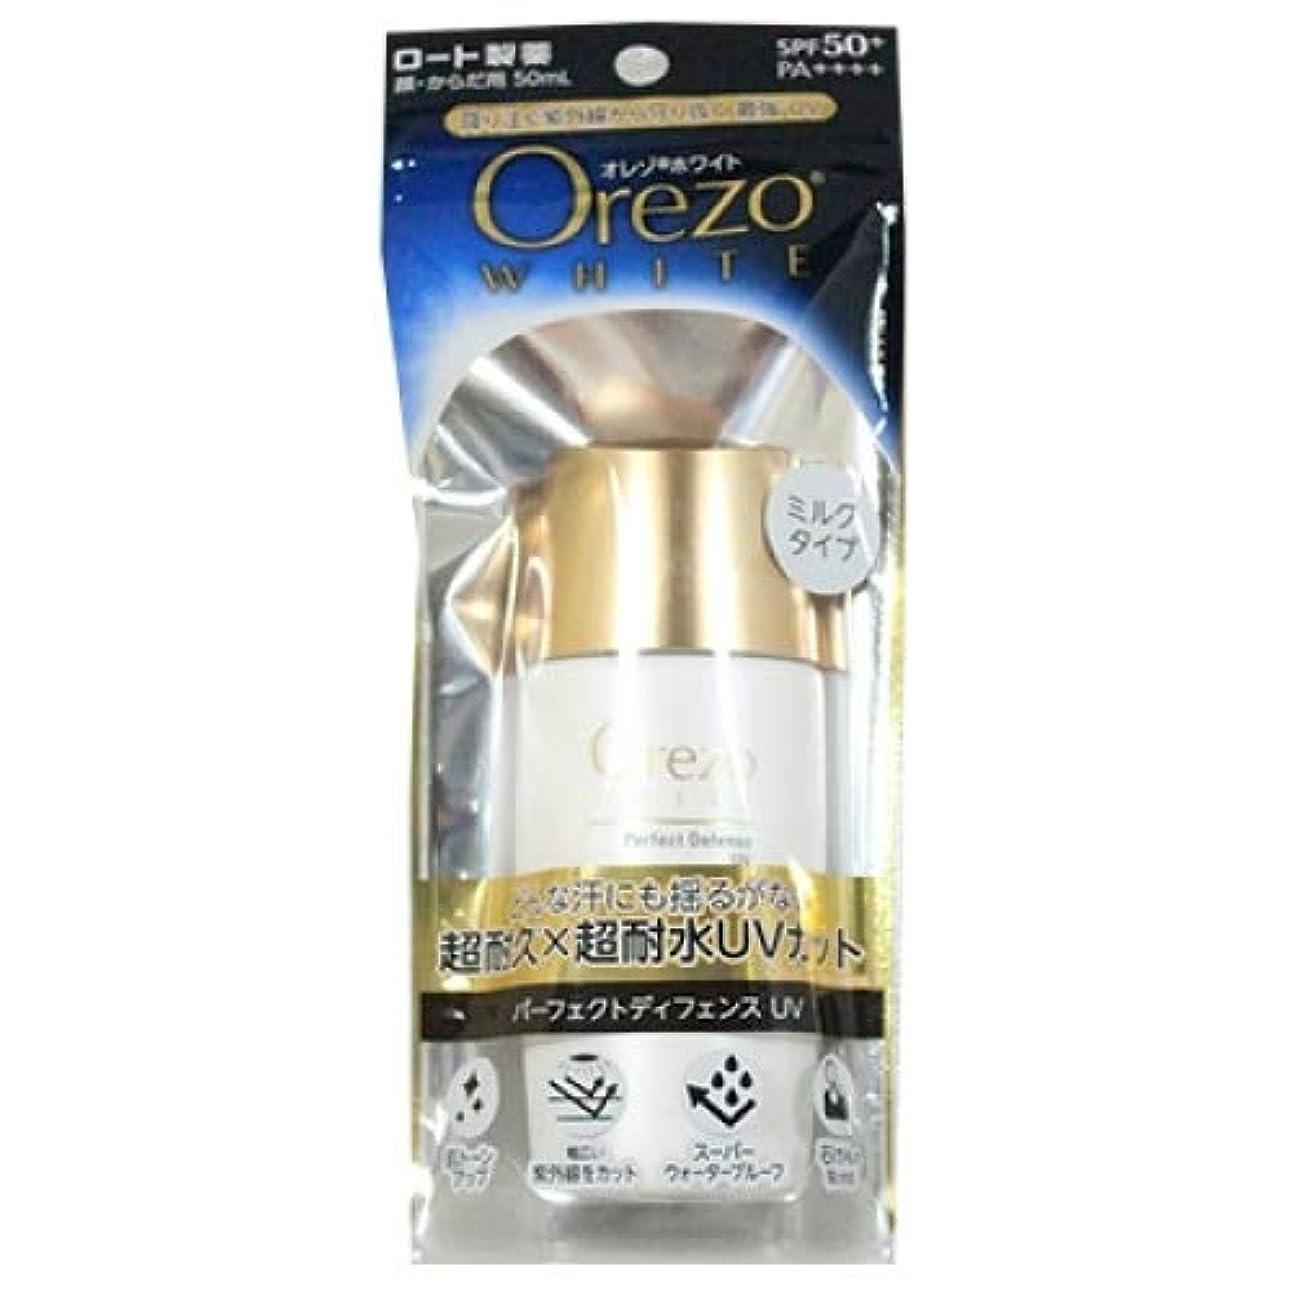 成人期勝利レギュラーロート製薬 Orezo オレゾ ホワイト パーフェクトディフェンスUVa SPF50+ PA++++ (50mL)